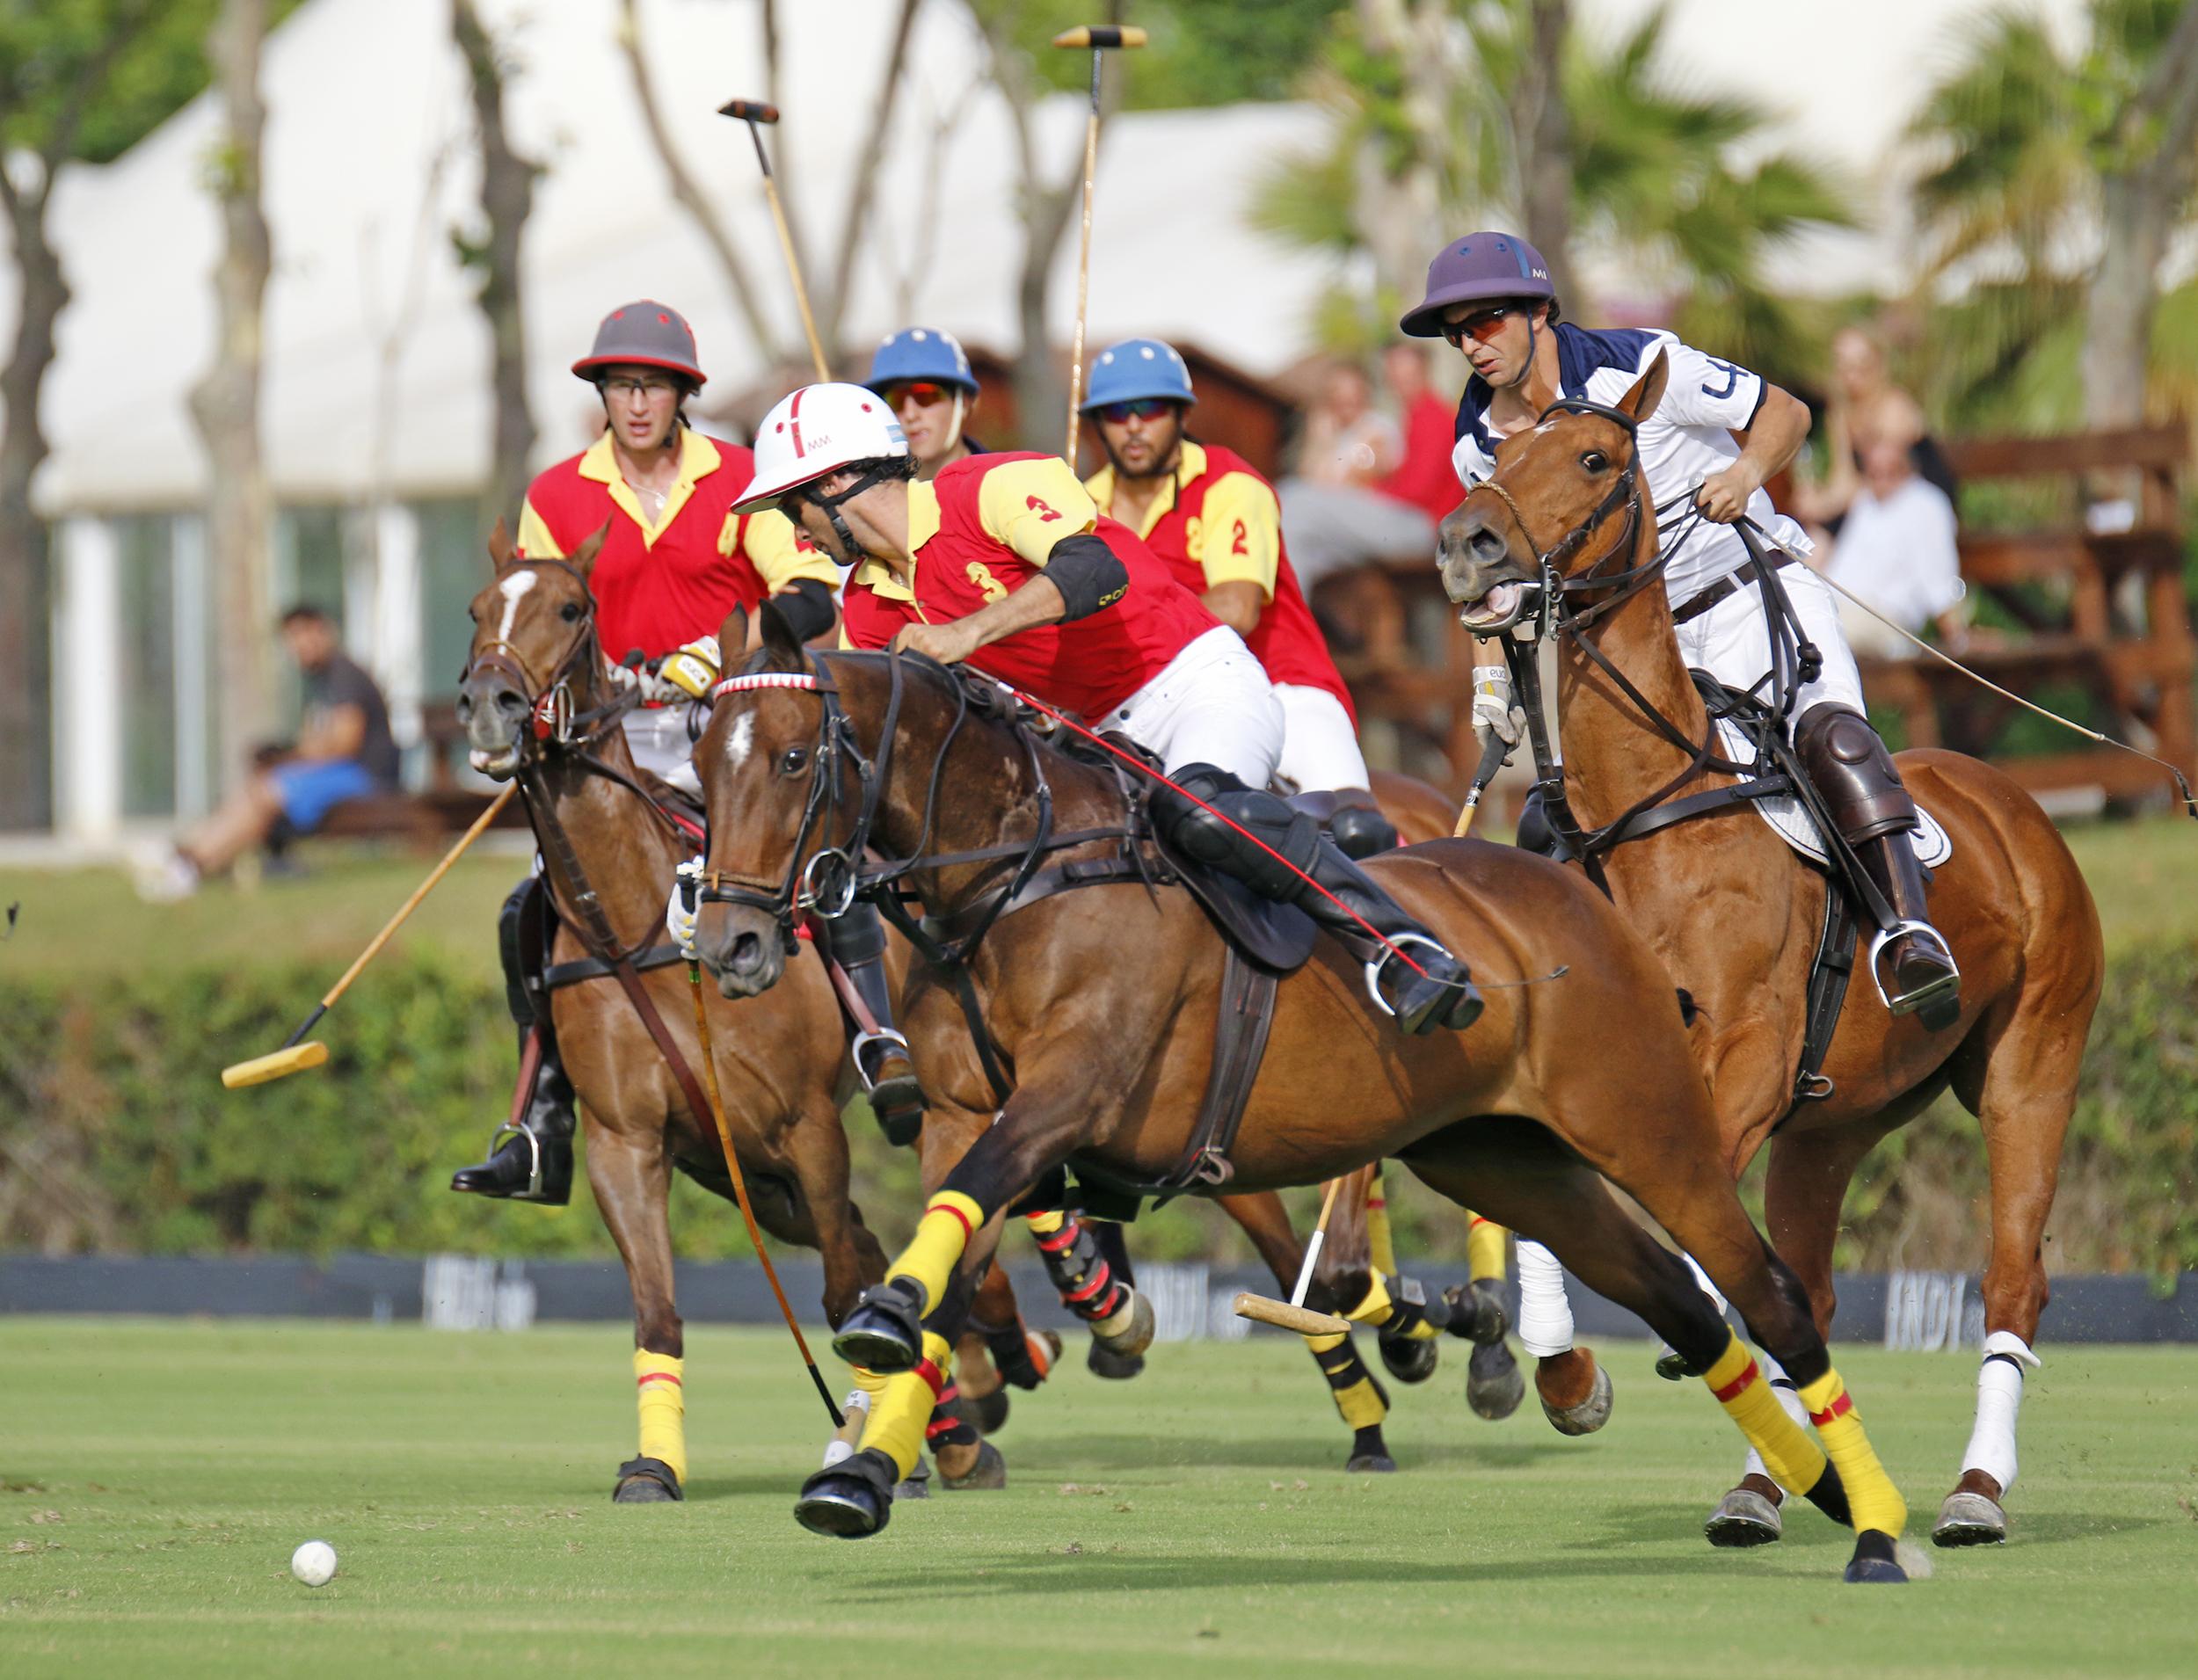 2017-06-15 juego de polo en SMPC